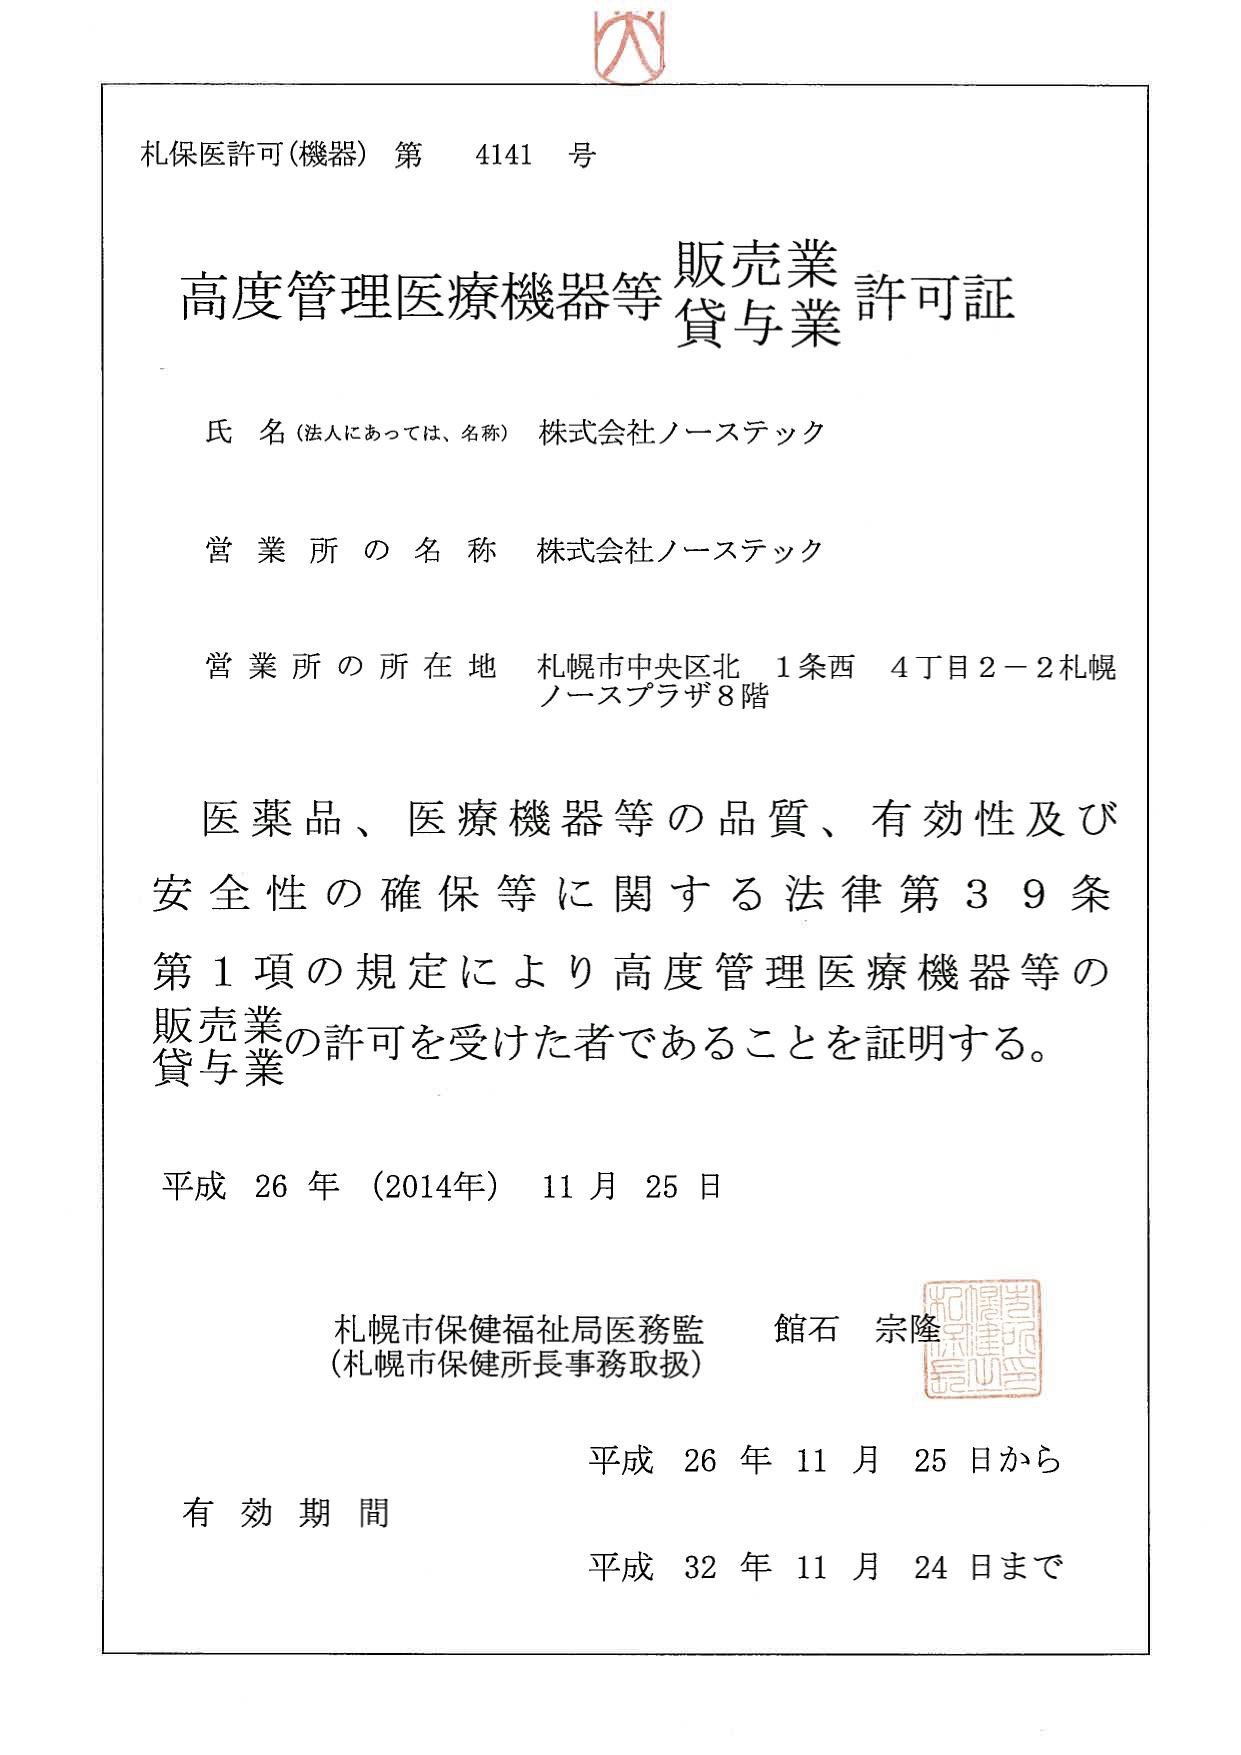 高度医療機器等販売・貸与業許可証_20141125